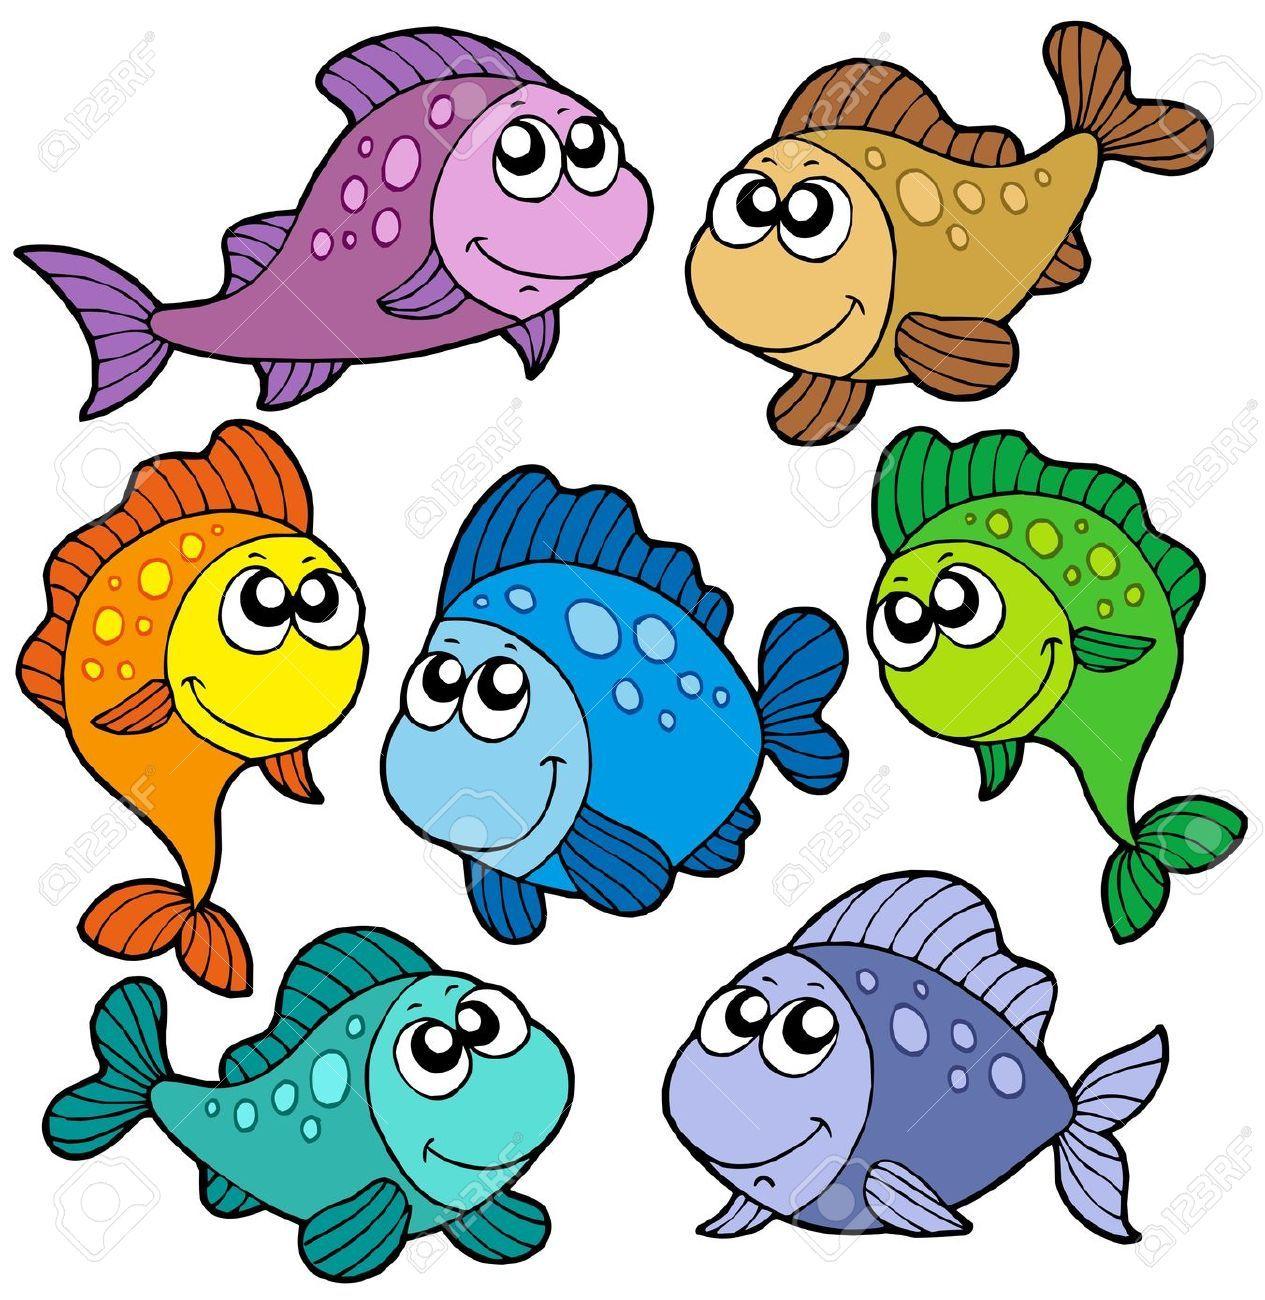 dibujos animados de peces y animales marinos buscar con google ashlynn 39 s mural pinterest. Black Bedroom Furniture Sets. Home Design Ideas